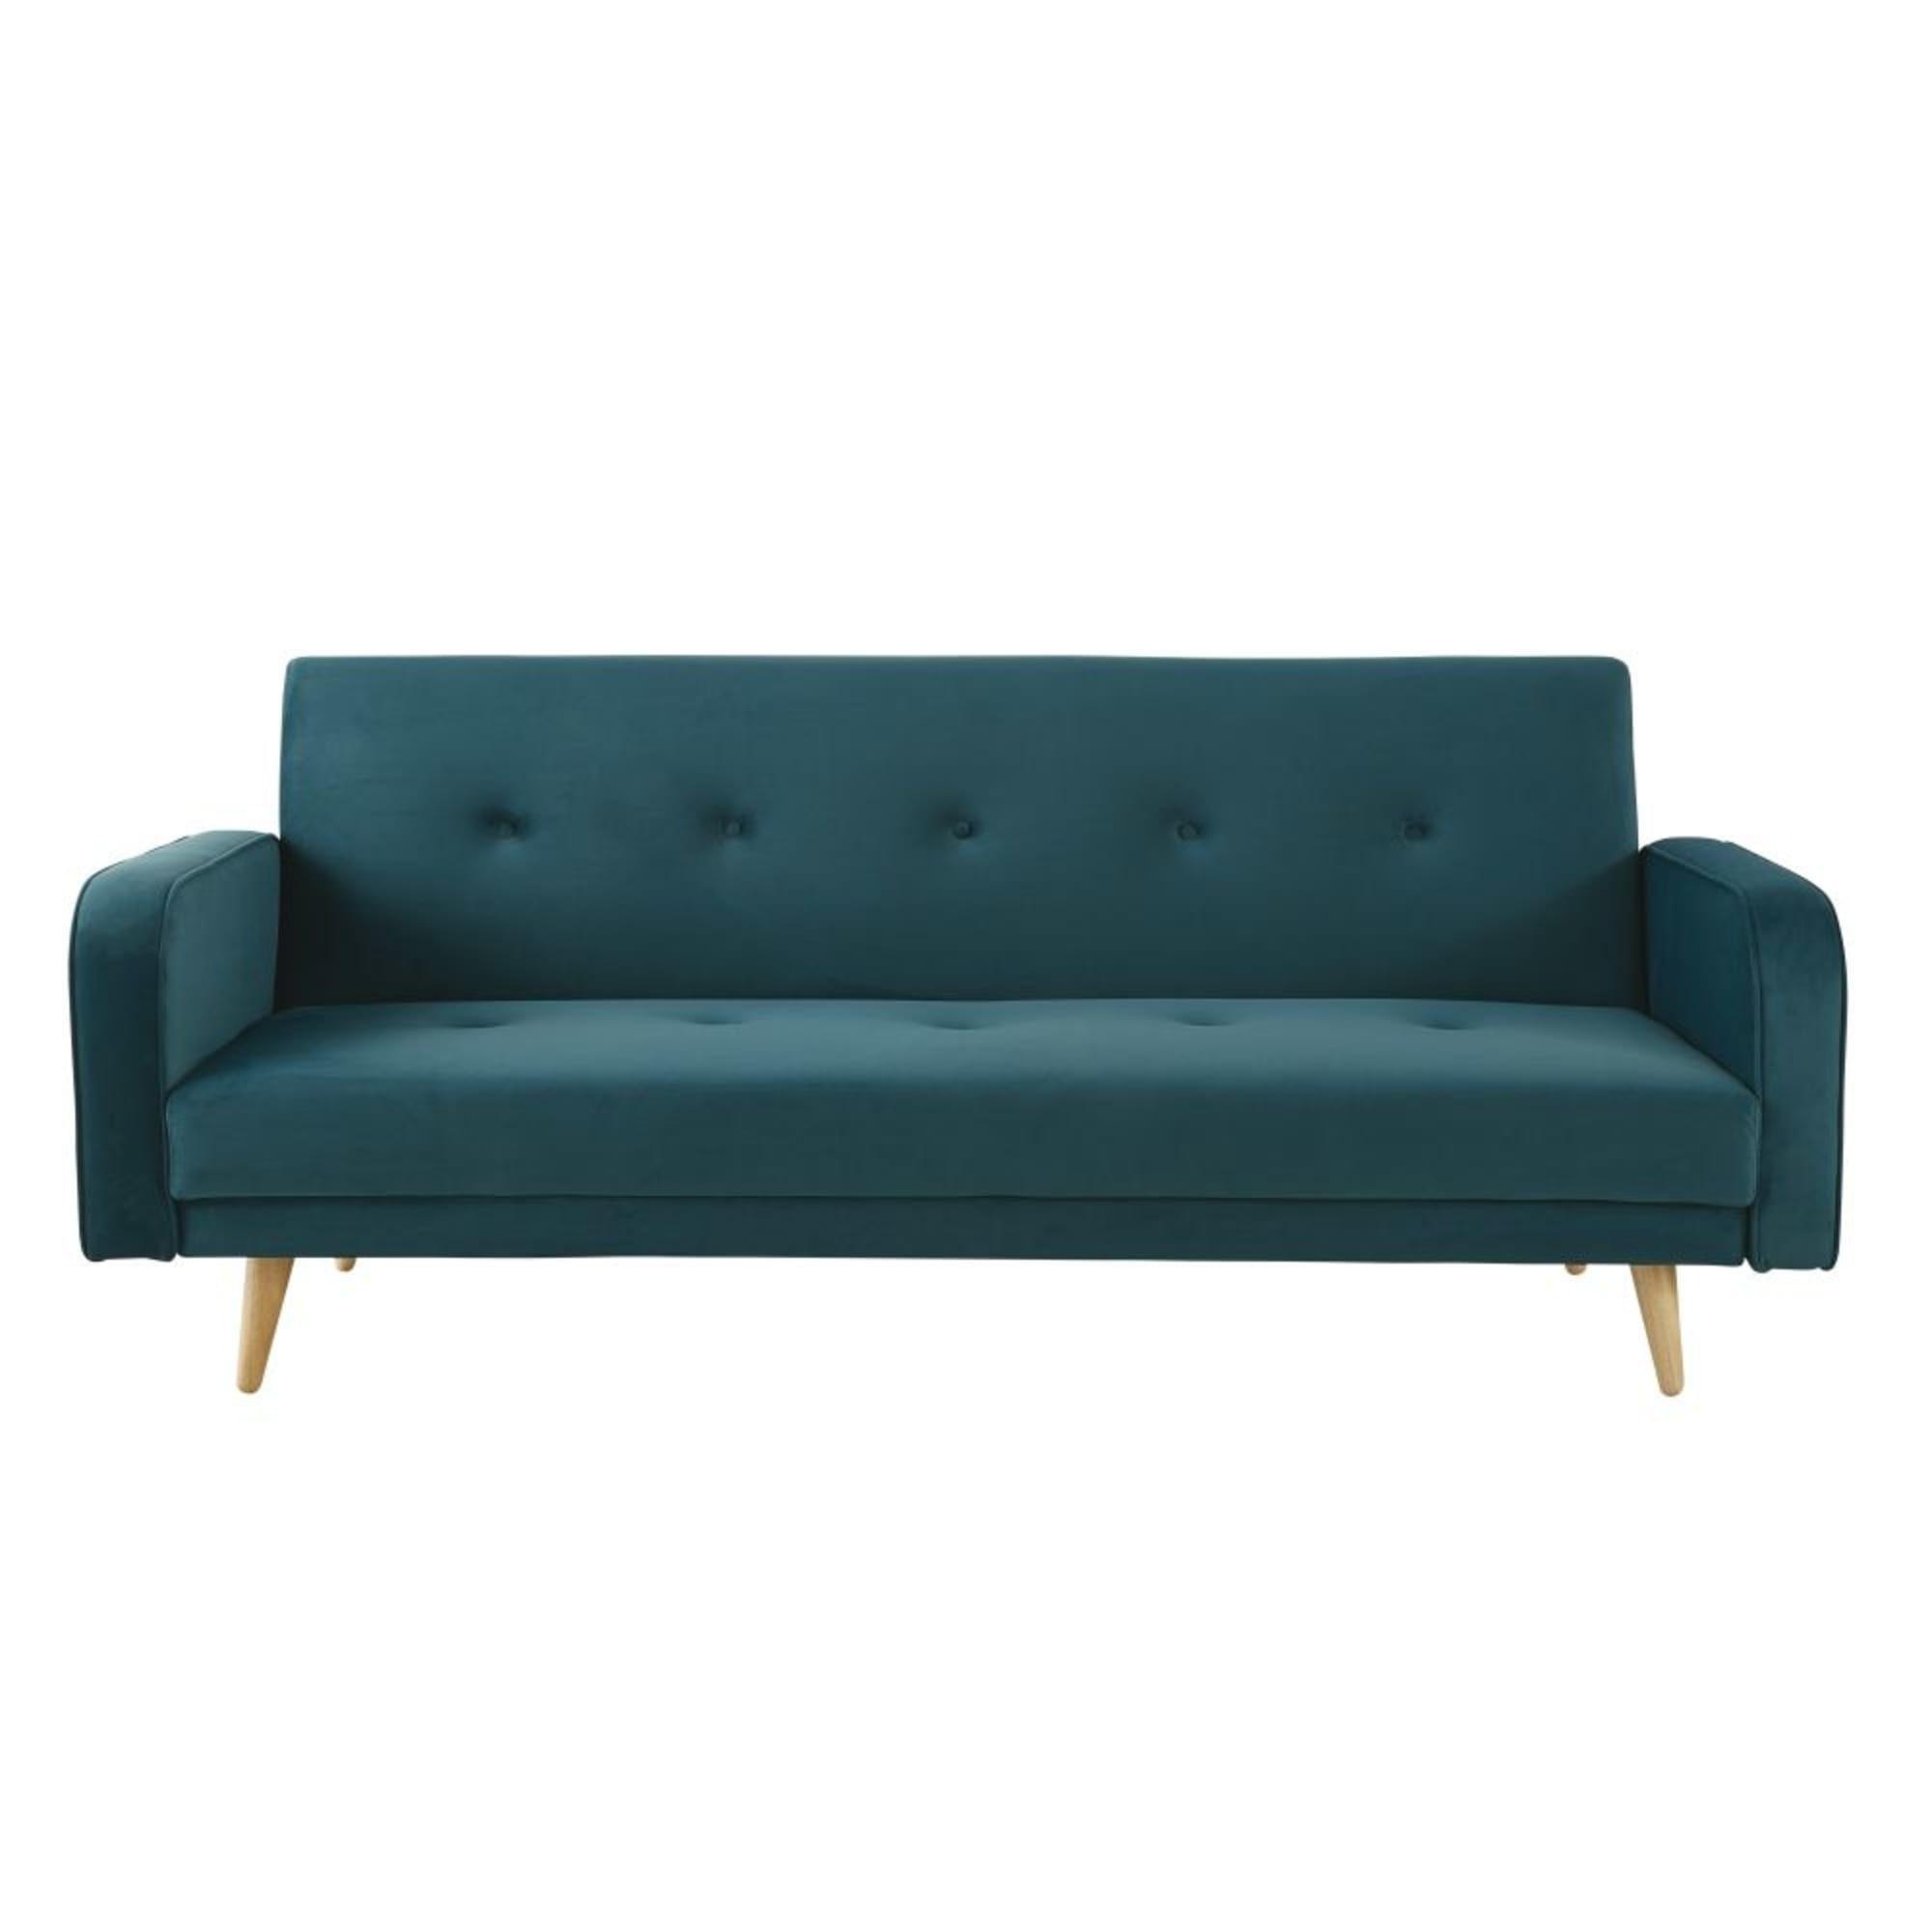 Petrol Blue 3 Seater Velvet Sofa Bed Broadway Maisons Du Monde Velvet Sofa Bed Livingroom Layout Sofa